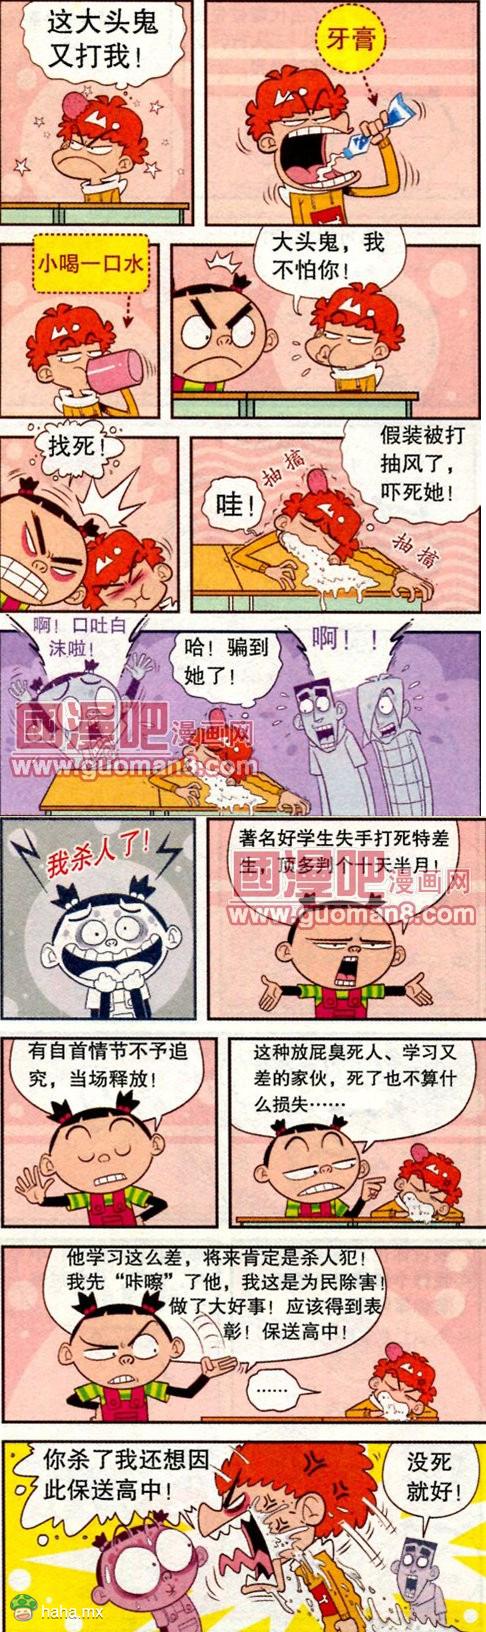 据说此漫画能完美带入李XX一案